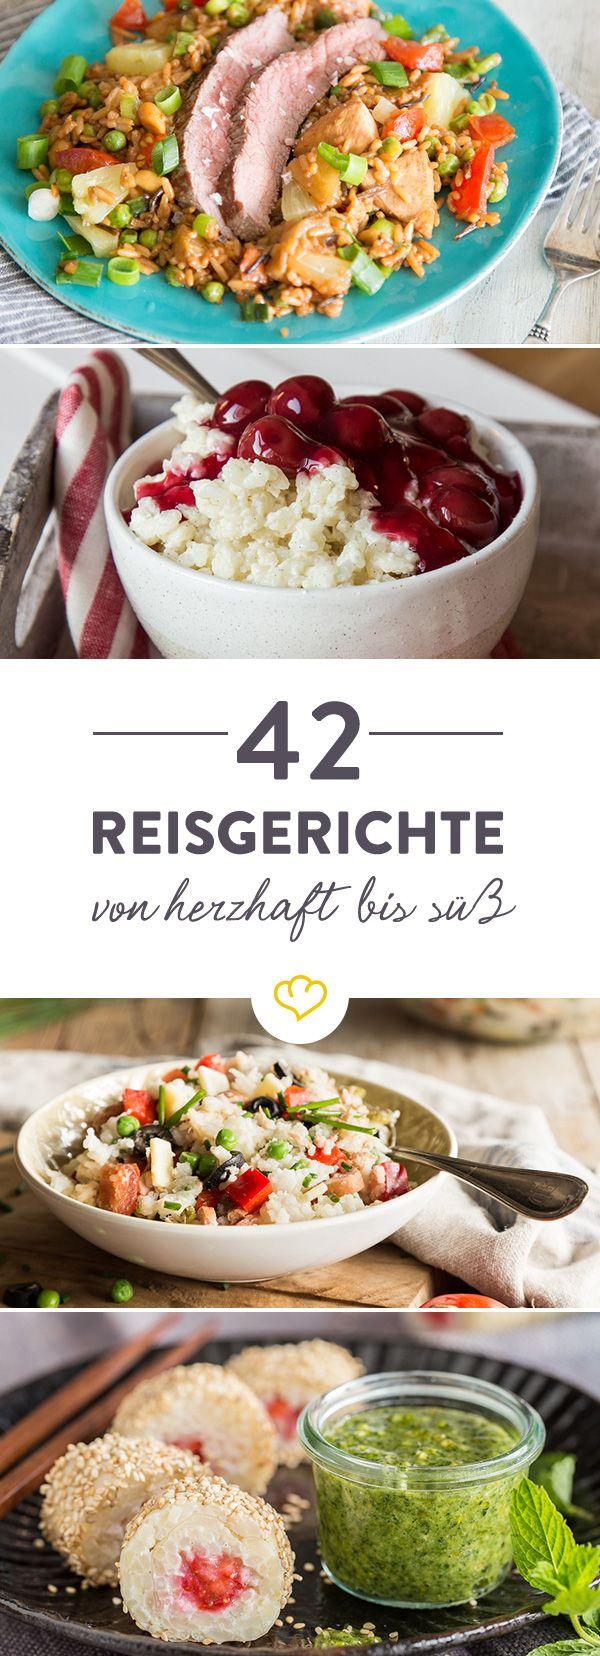 Wenn dich der Reishunger packt, gibt es unzählige Möglichkeiten ihn zu stillen. Ideen gefällig? Bei diesen 42 Rezepten wirst du bestimmt fündig.